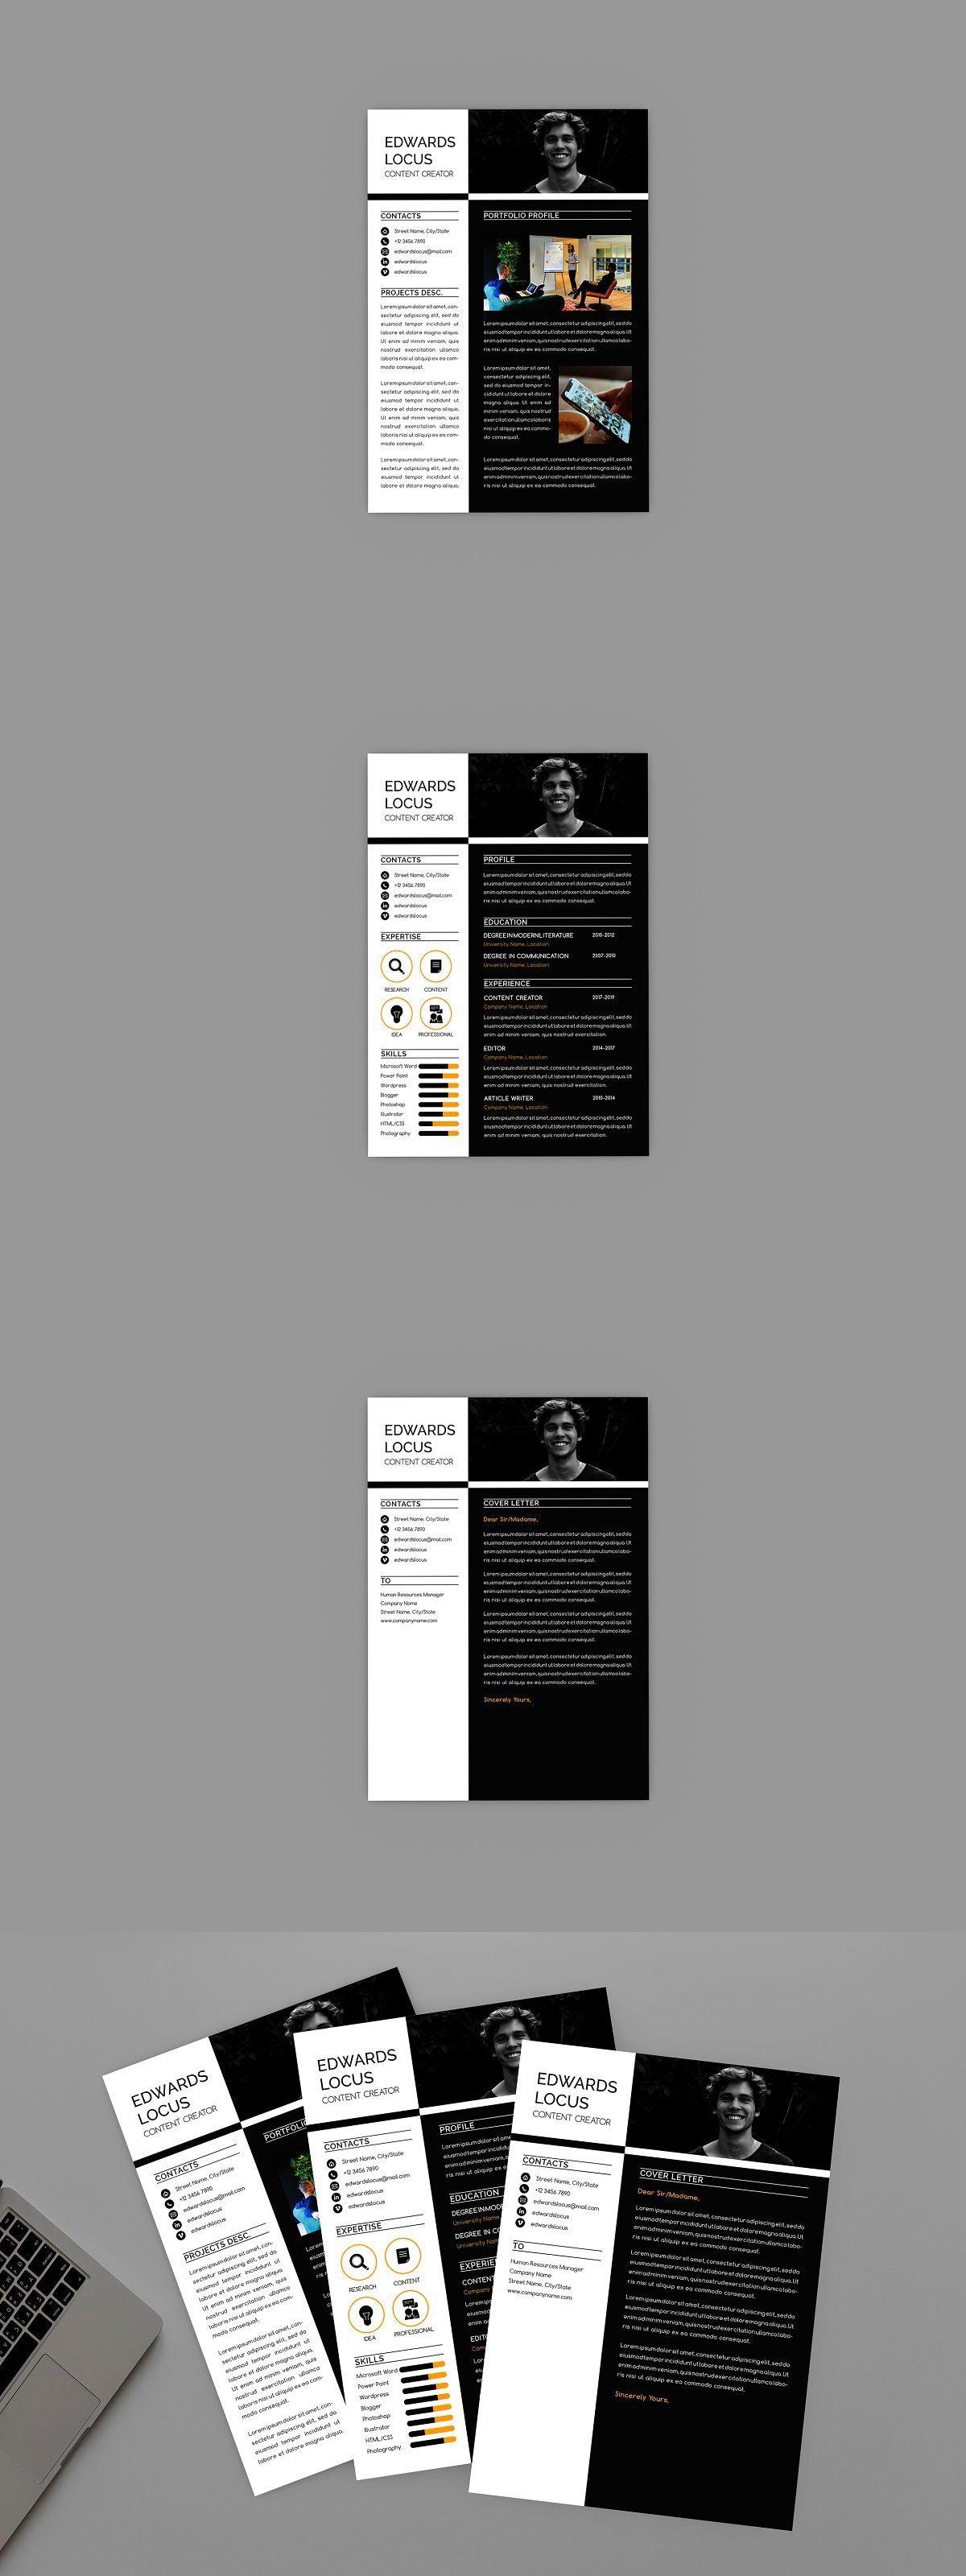 Content creator resume designer the creator resume